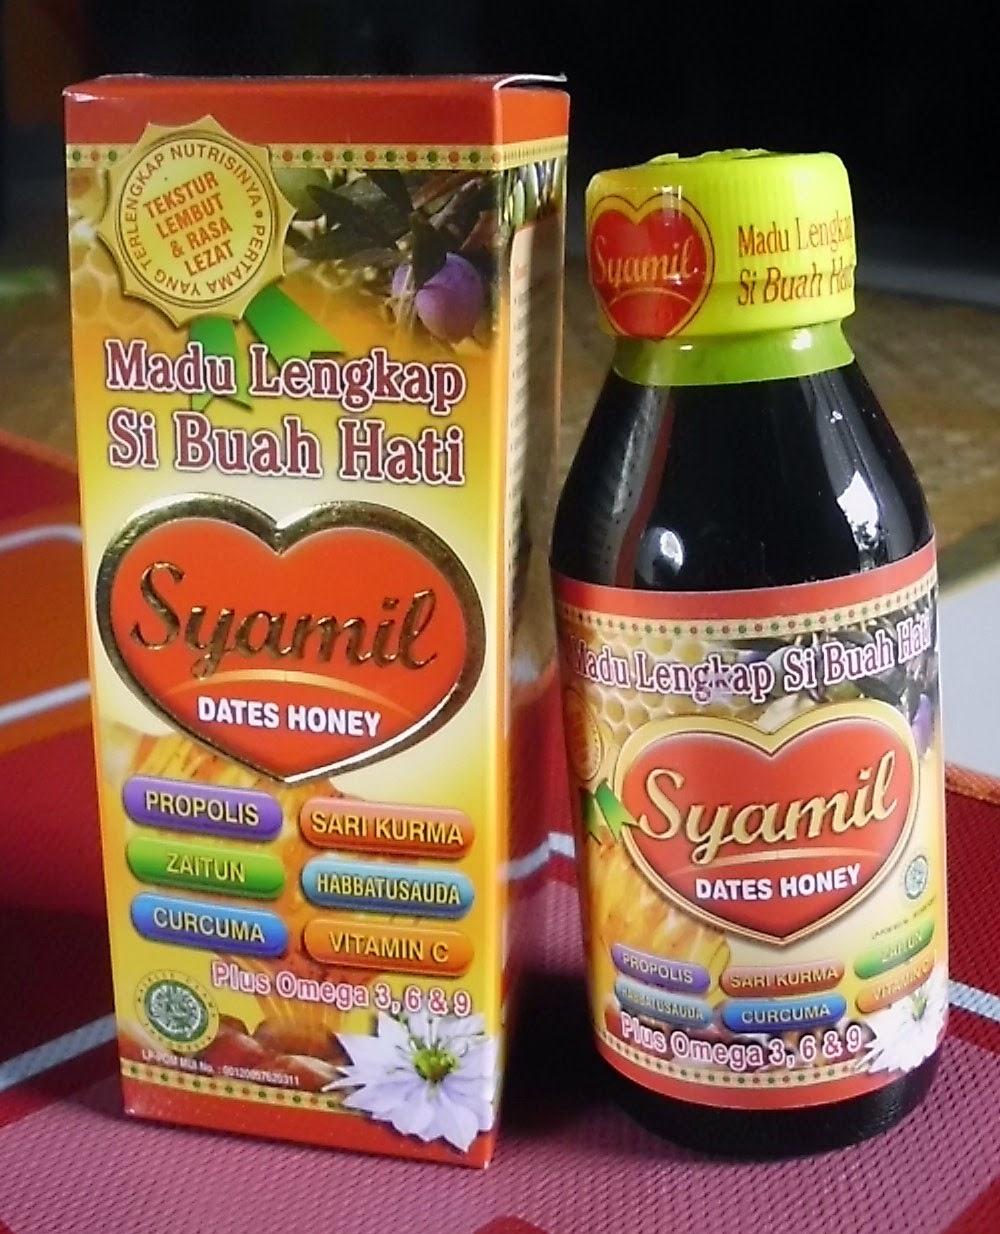 Islamic Herbal Store Jakarta Madu Lengkap Si Buah Hati Syamil Dates Honey Nama Produk Anak Berat 250 Gr Produksi Mitra Ihsan Sejahtera Bogor Indonesia Harga Rp16000 Isi 125 Ml